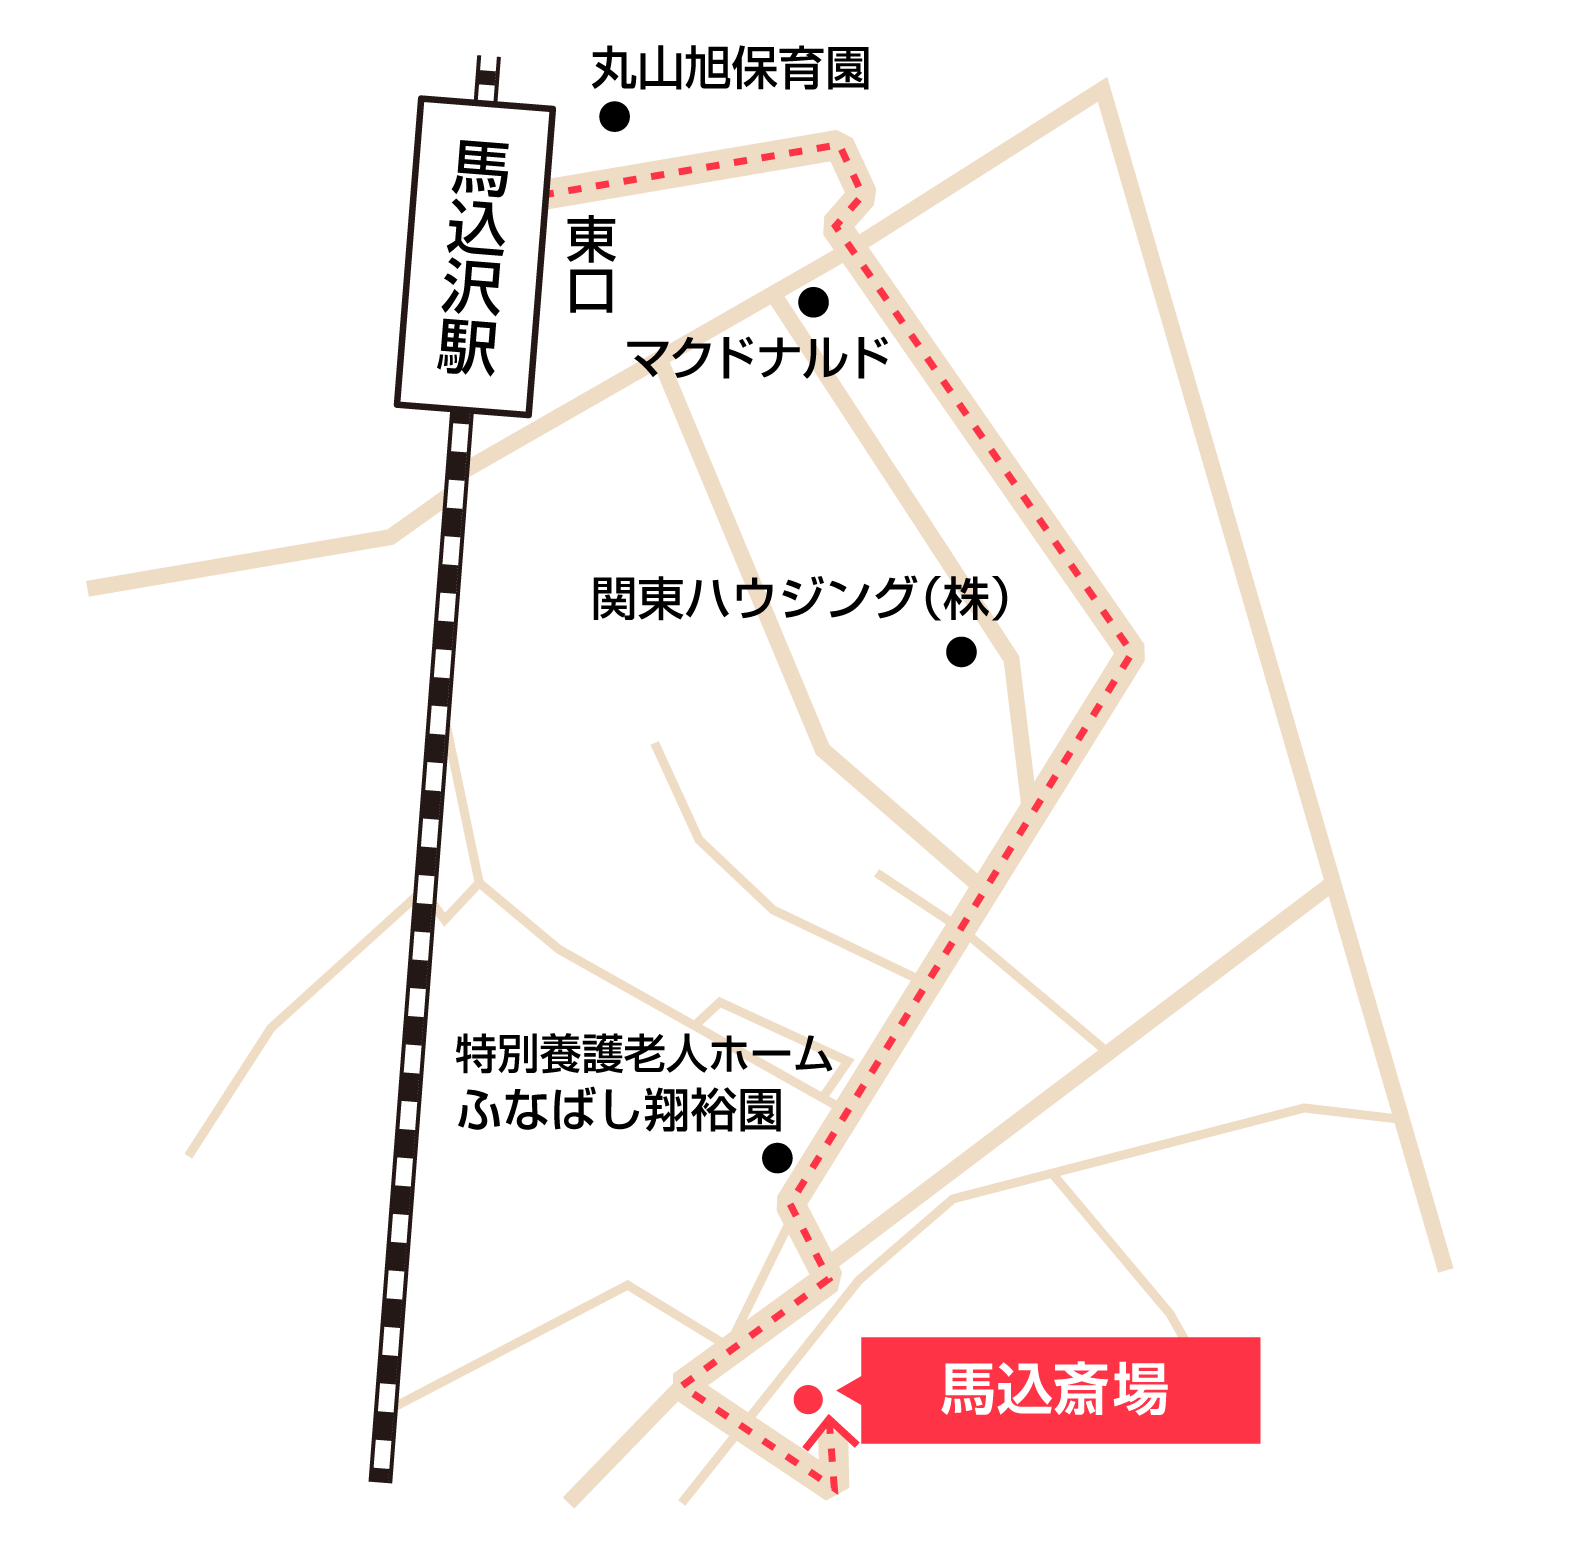 馬込斎場への徒歩・バスでの行き方・アクセスを記した地図